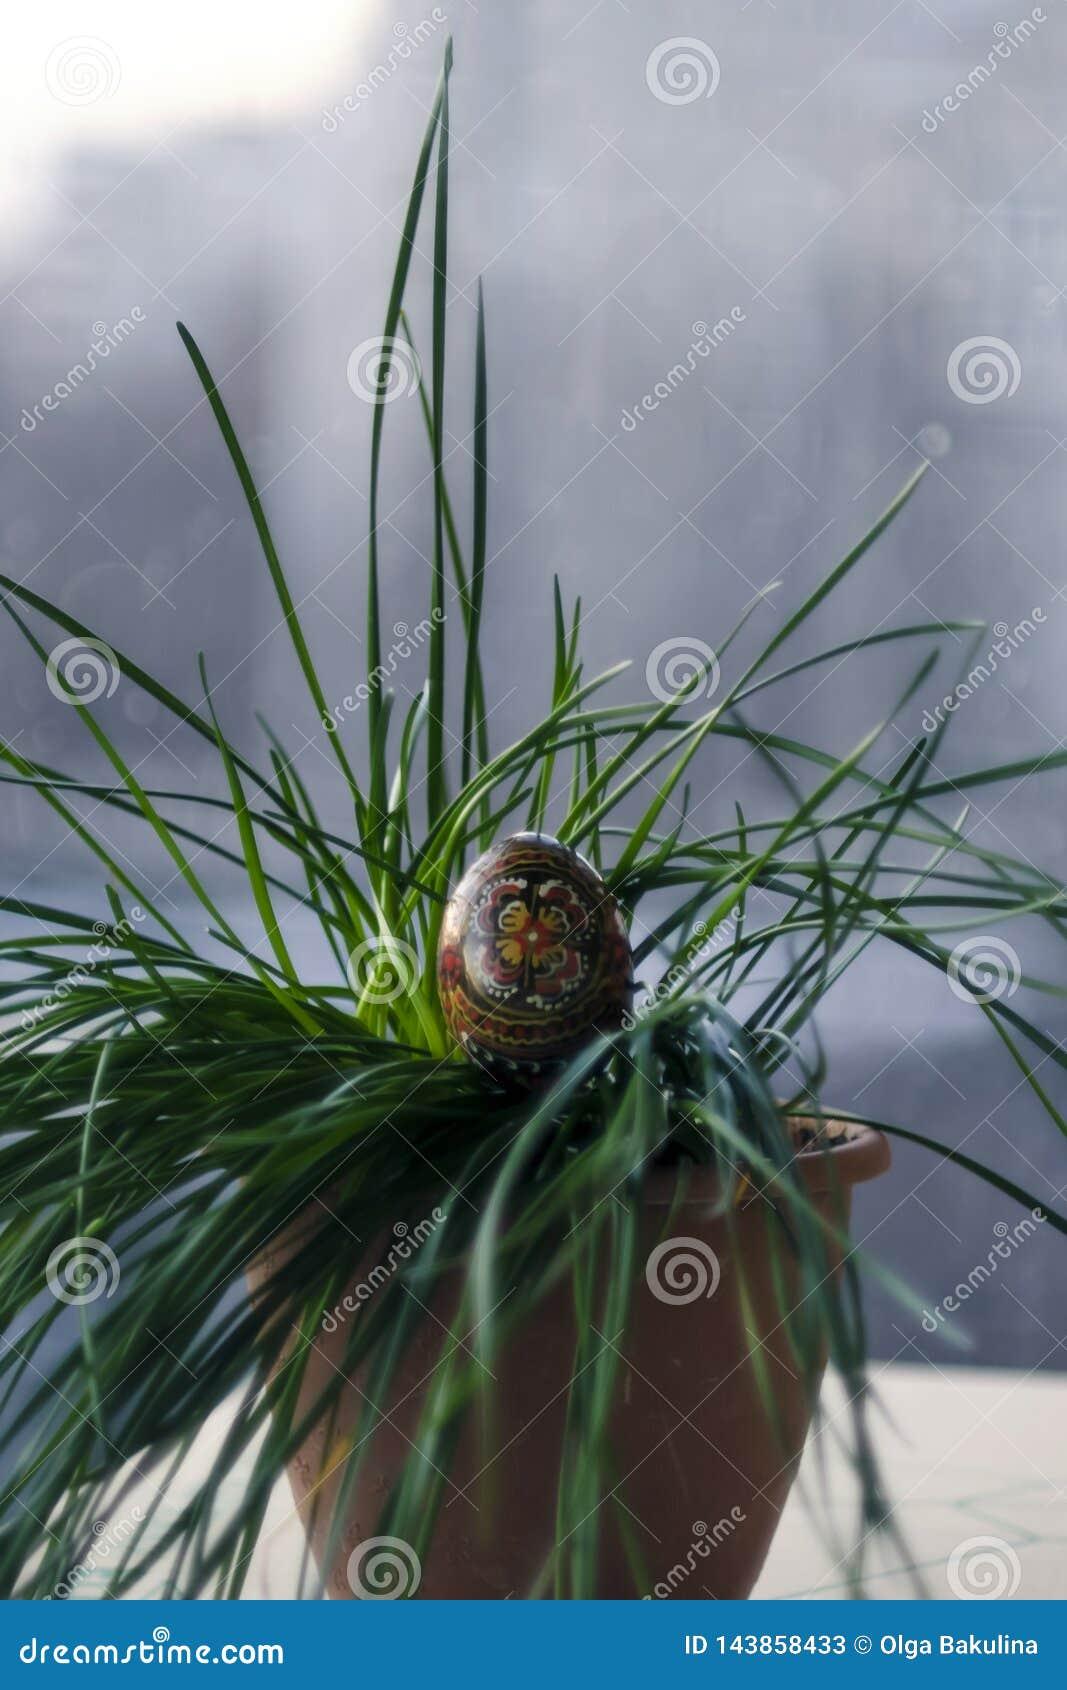 Oeuf de noir de Pâques avec un modèle fait main dans une herbe verte, usine